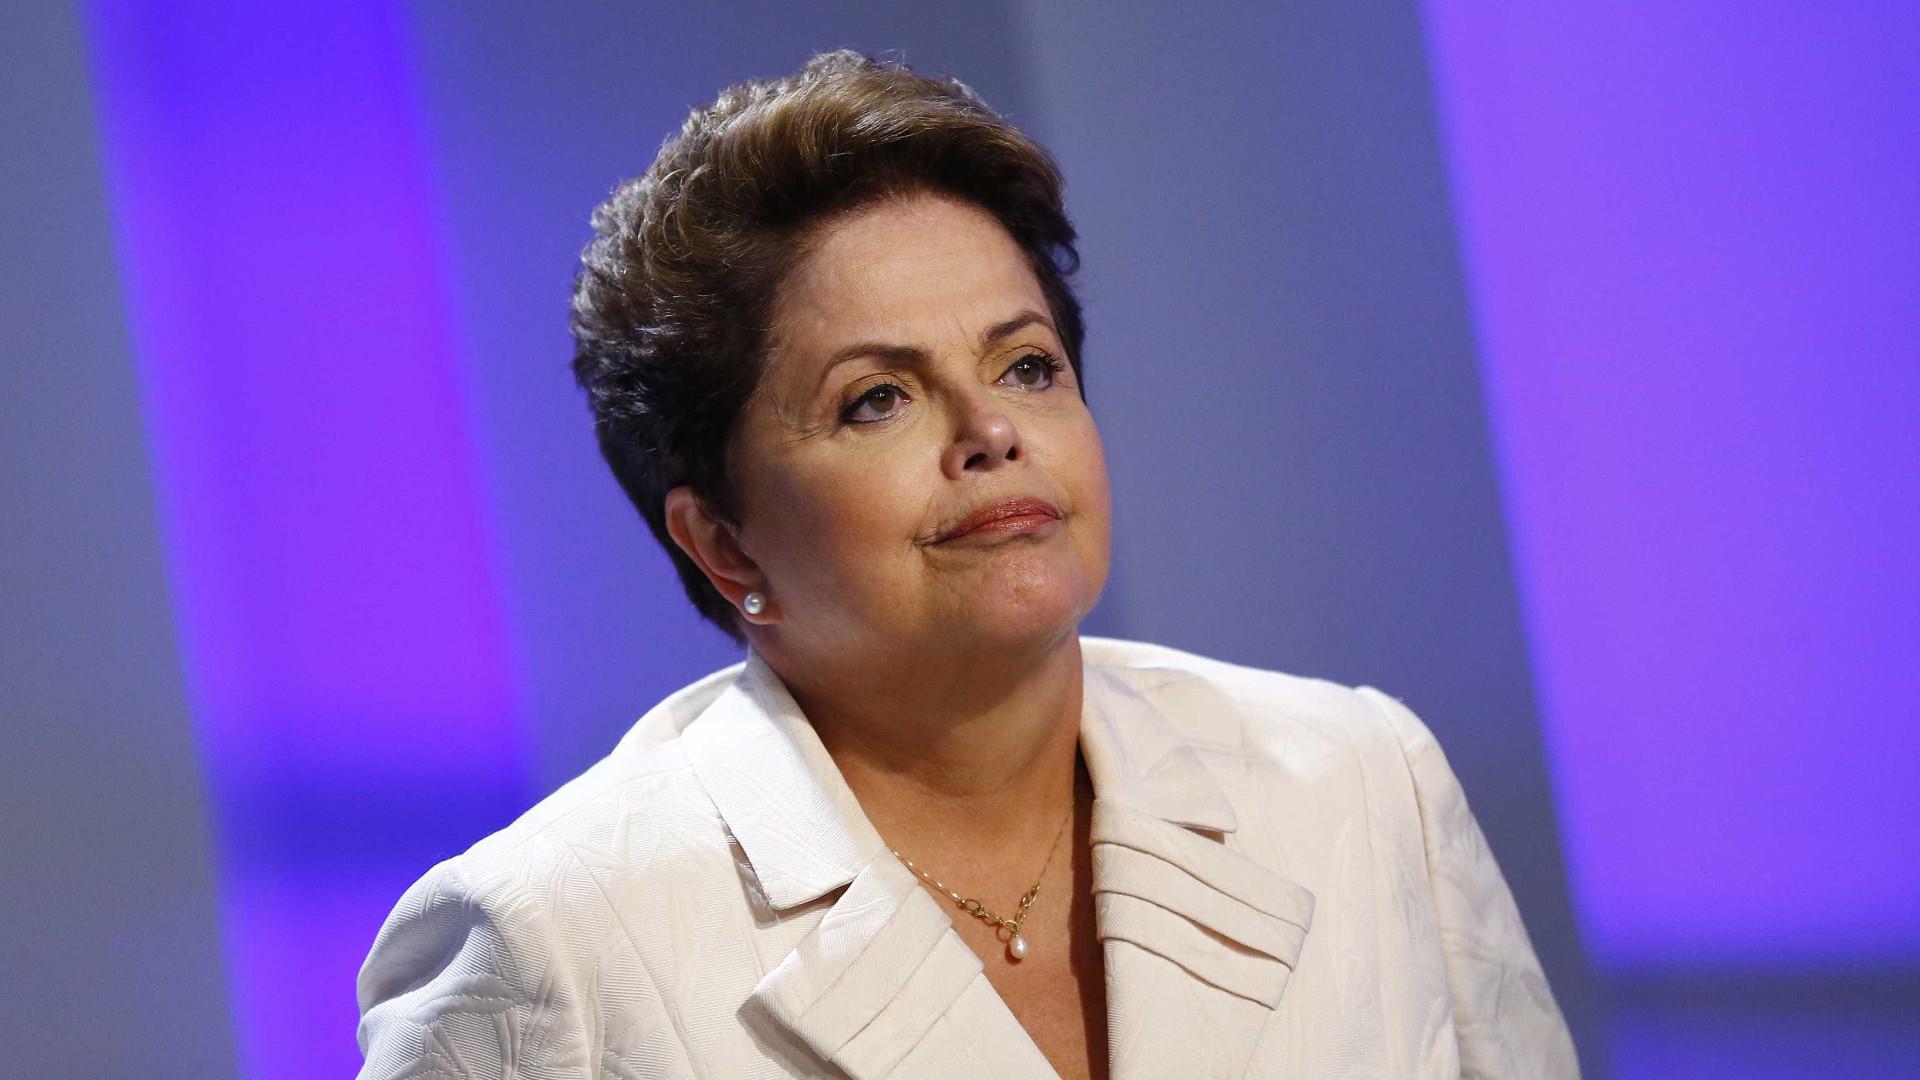 Dilma lamenta morte de ex-marido, Carlos Araújo: 'Viveu visceralmente'